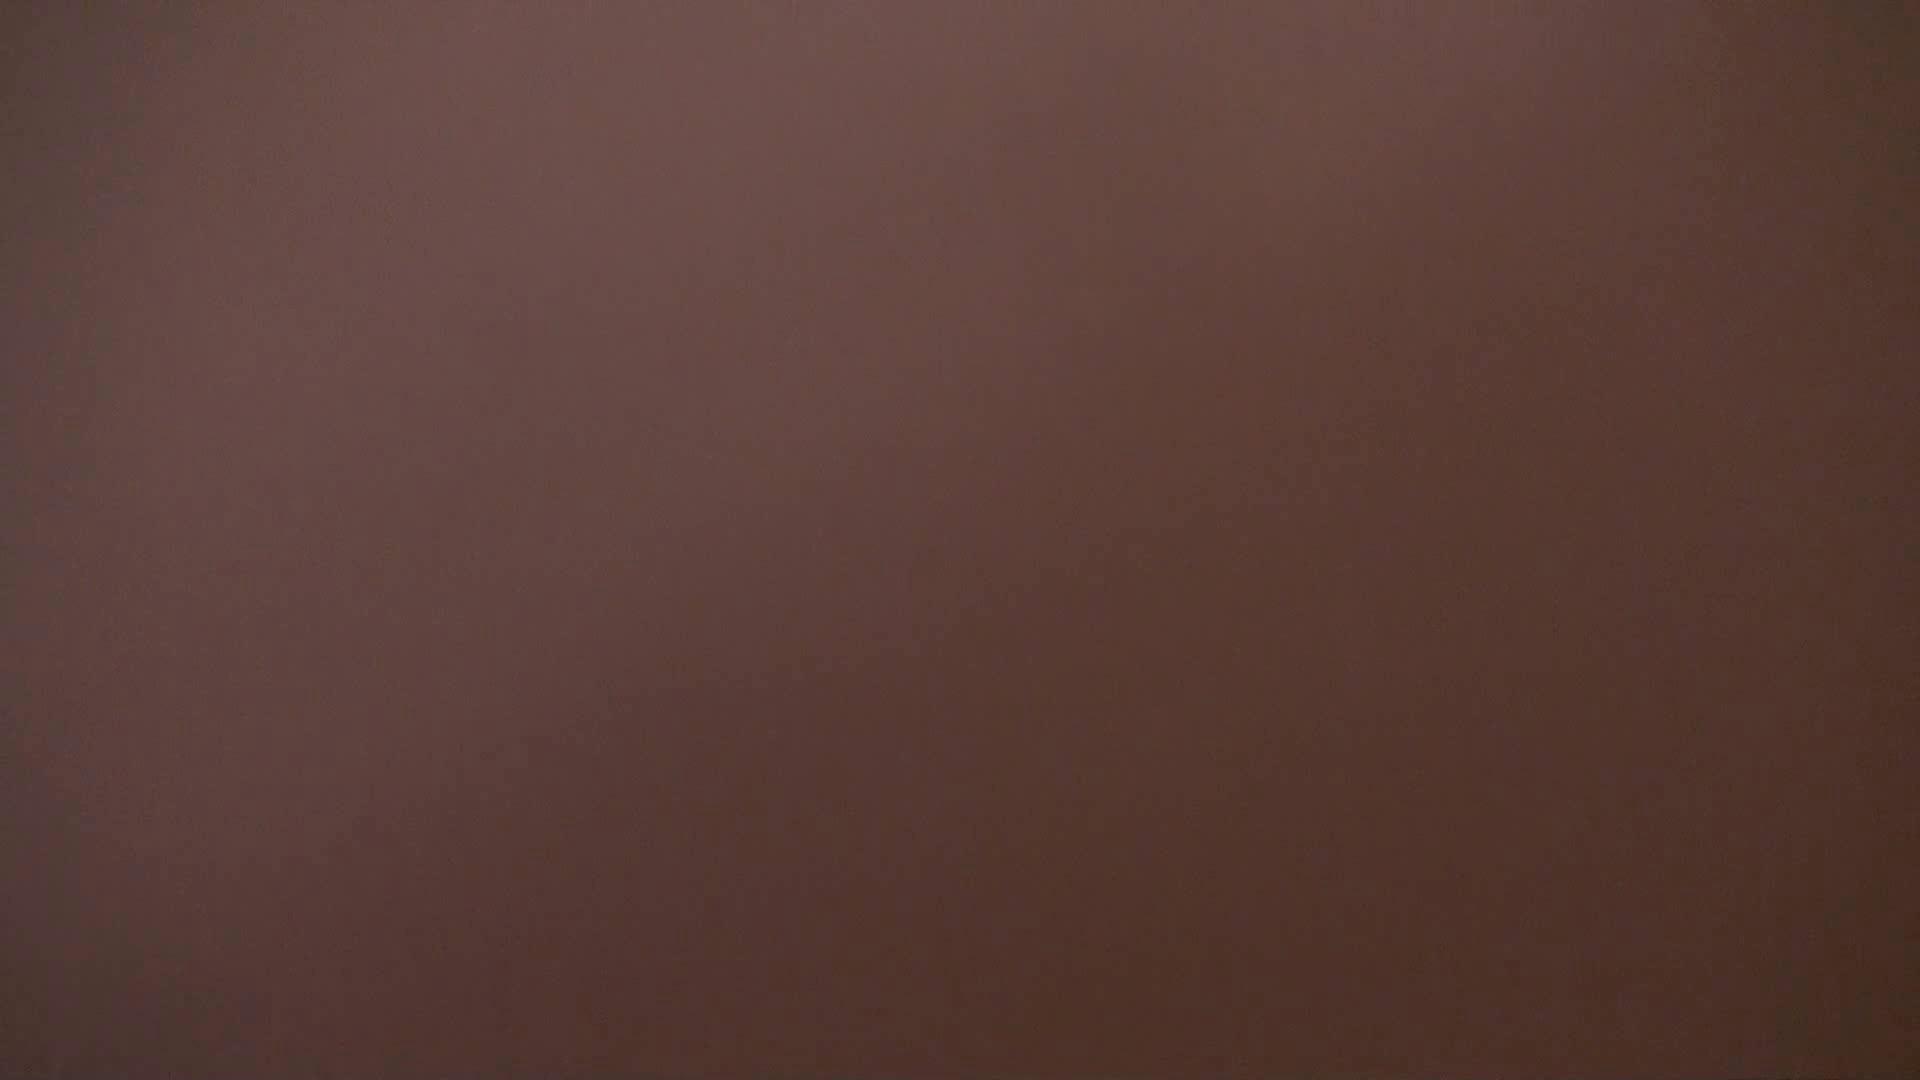 雅さんの独断と偏見で集めた動画集 Vol.9 期間限定 | OLセックス  64画像 43